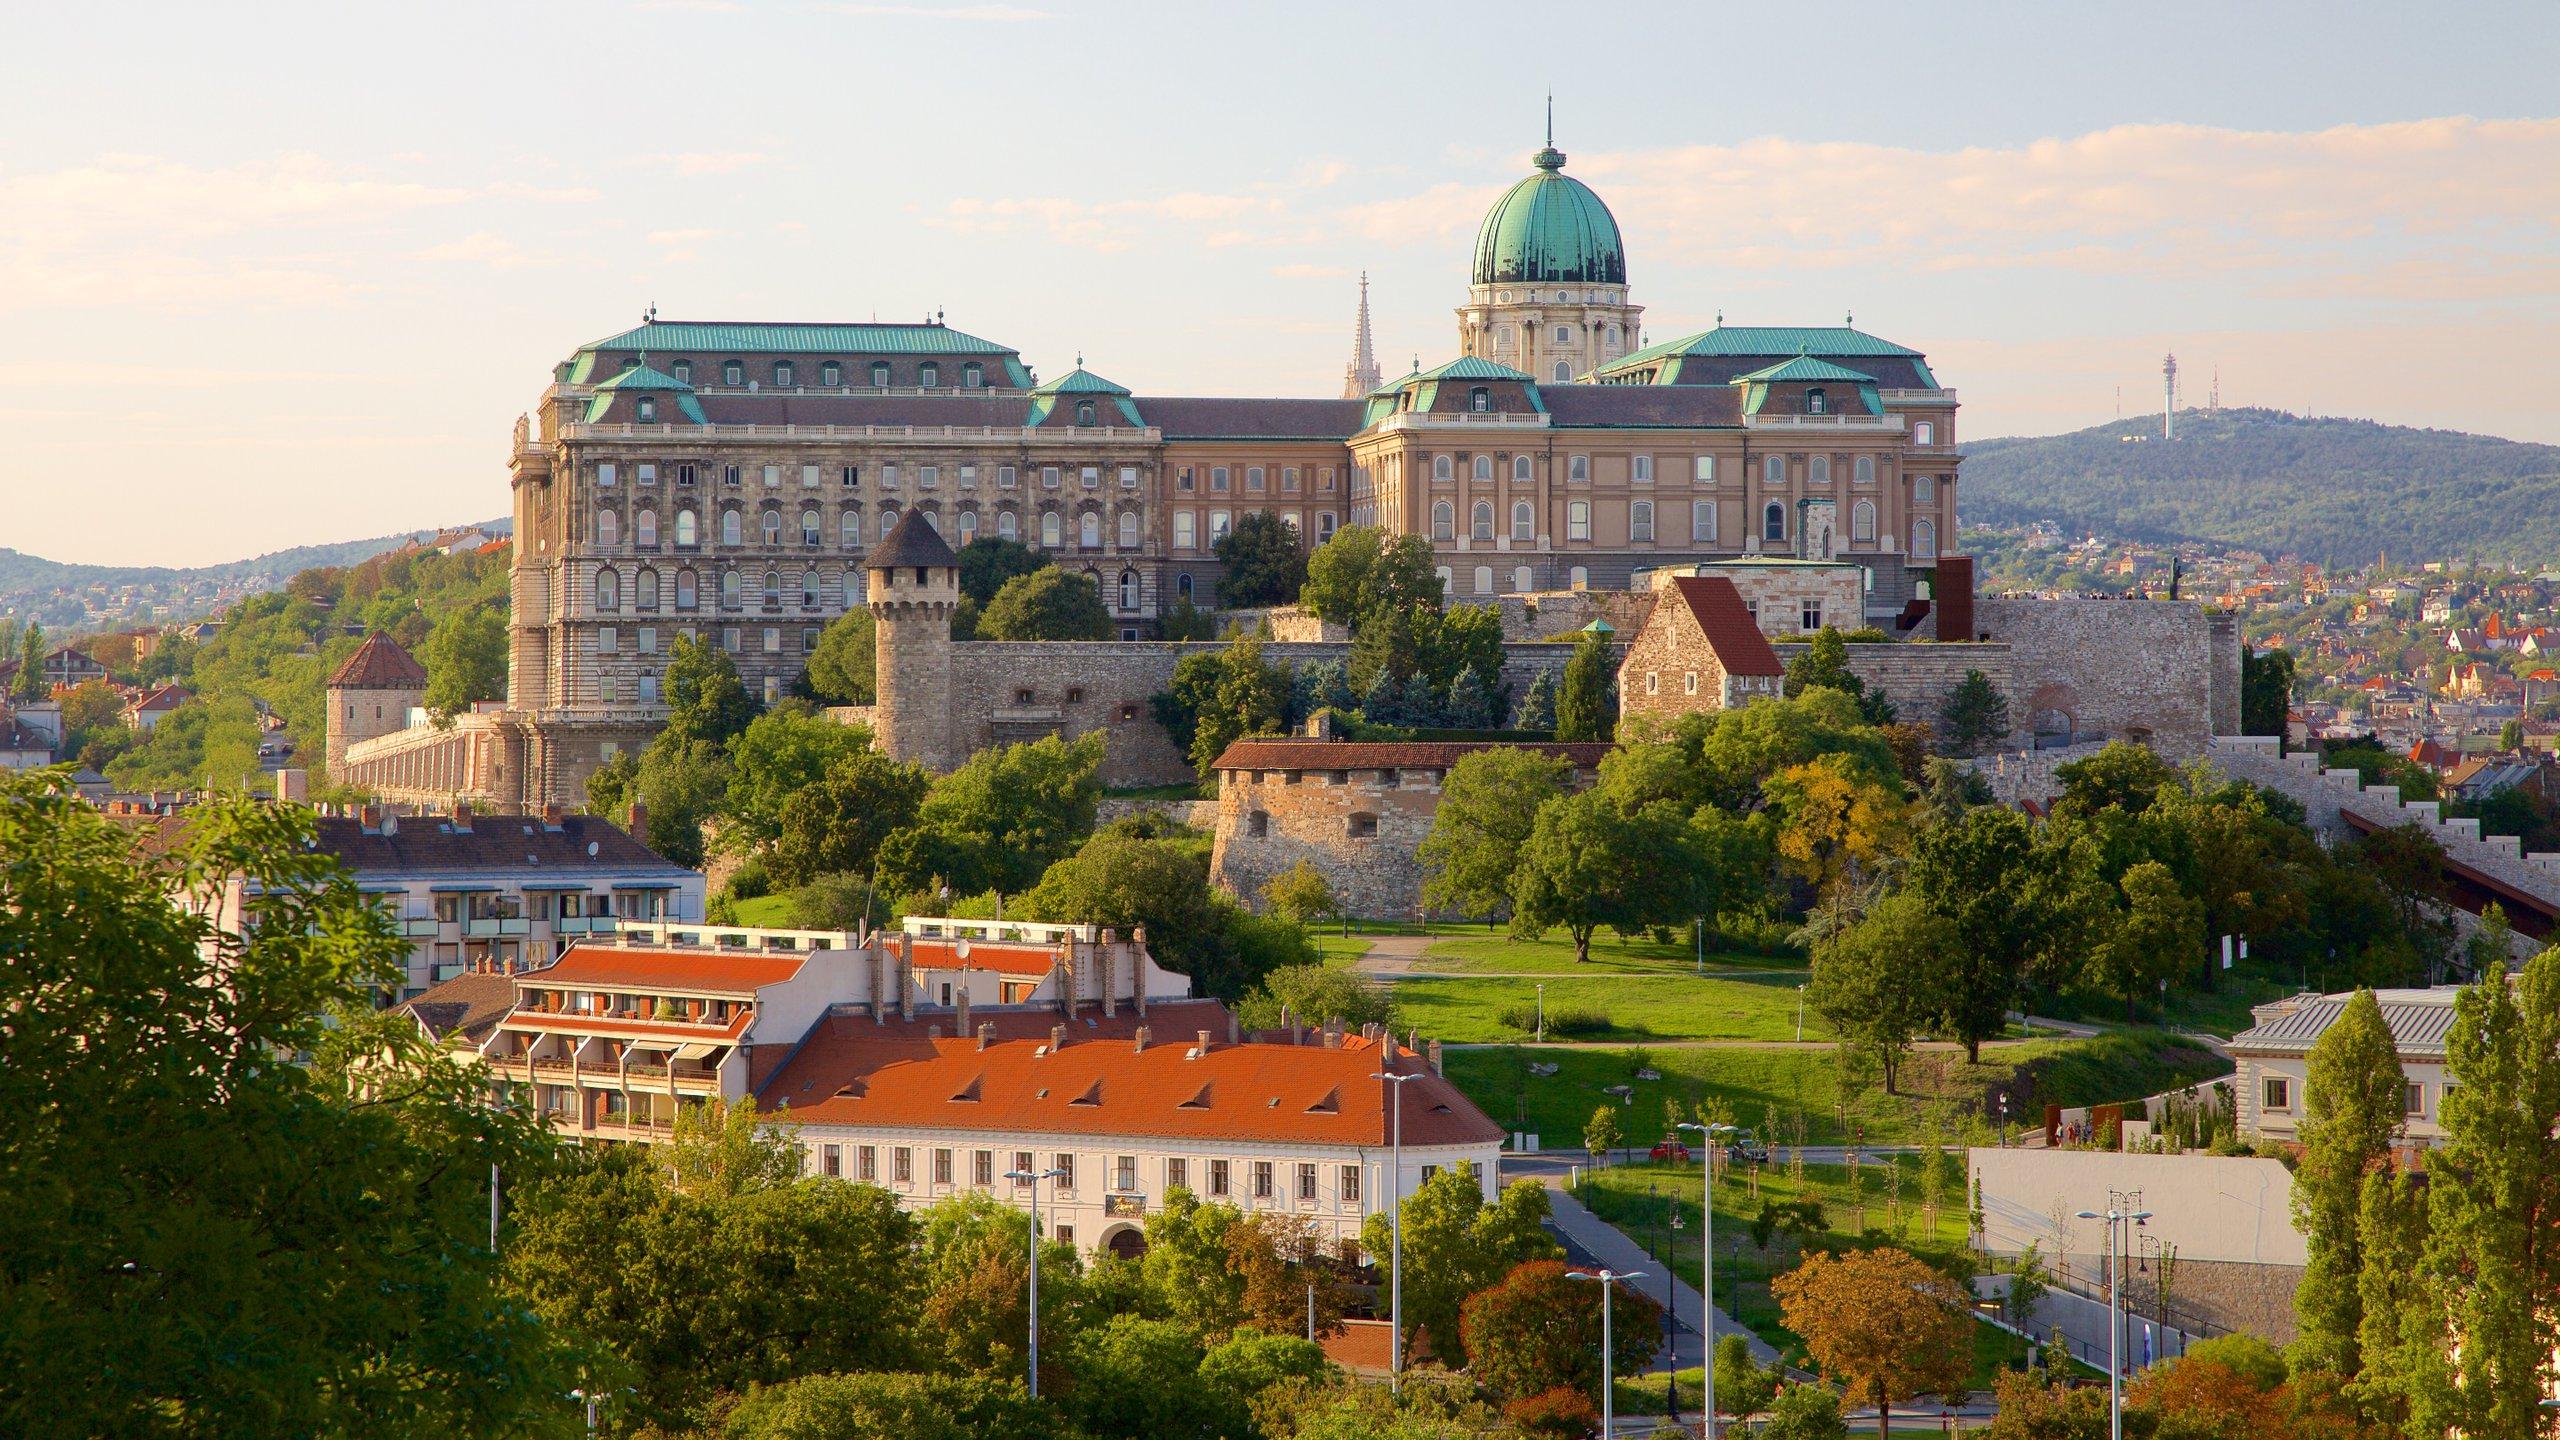 In dit vorstelijke gebouw, een van de hoogtepunten van de skyline van Boedapest, vind je ook diverse interessante musea.